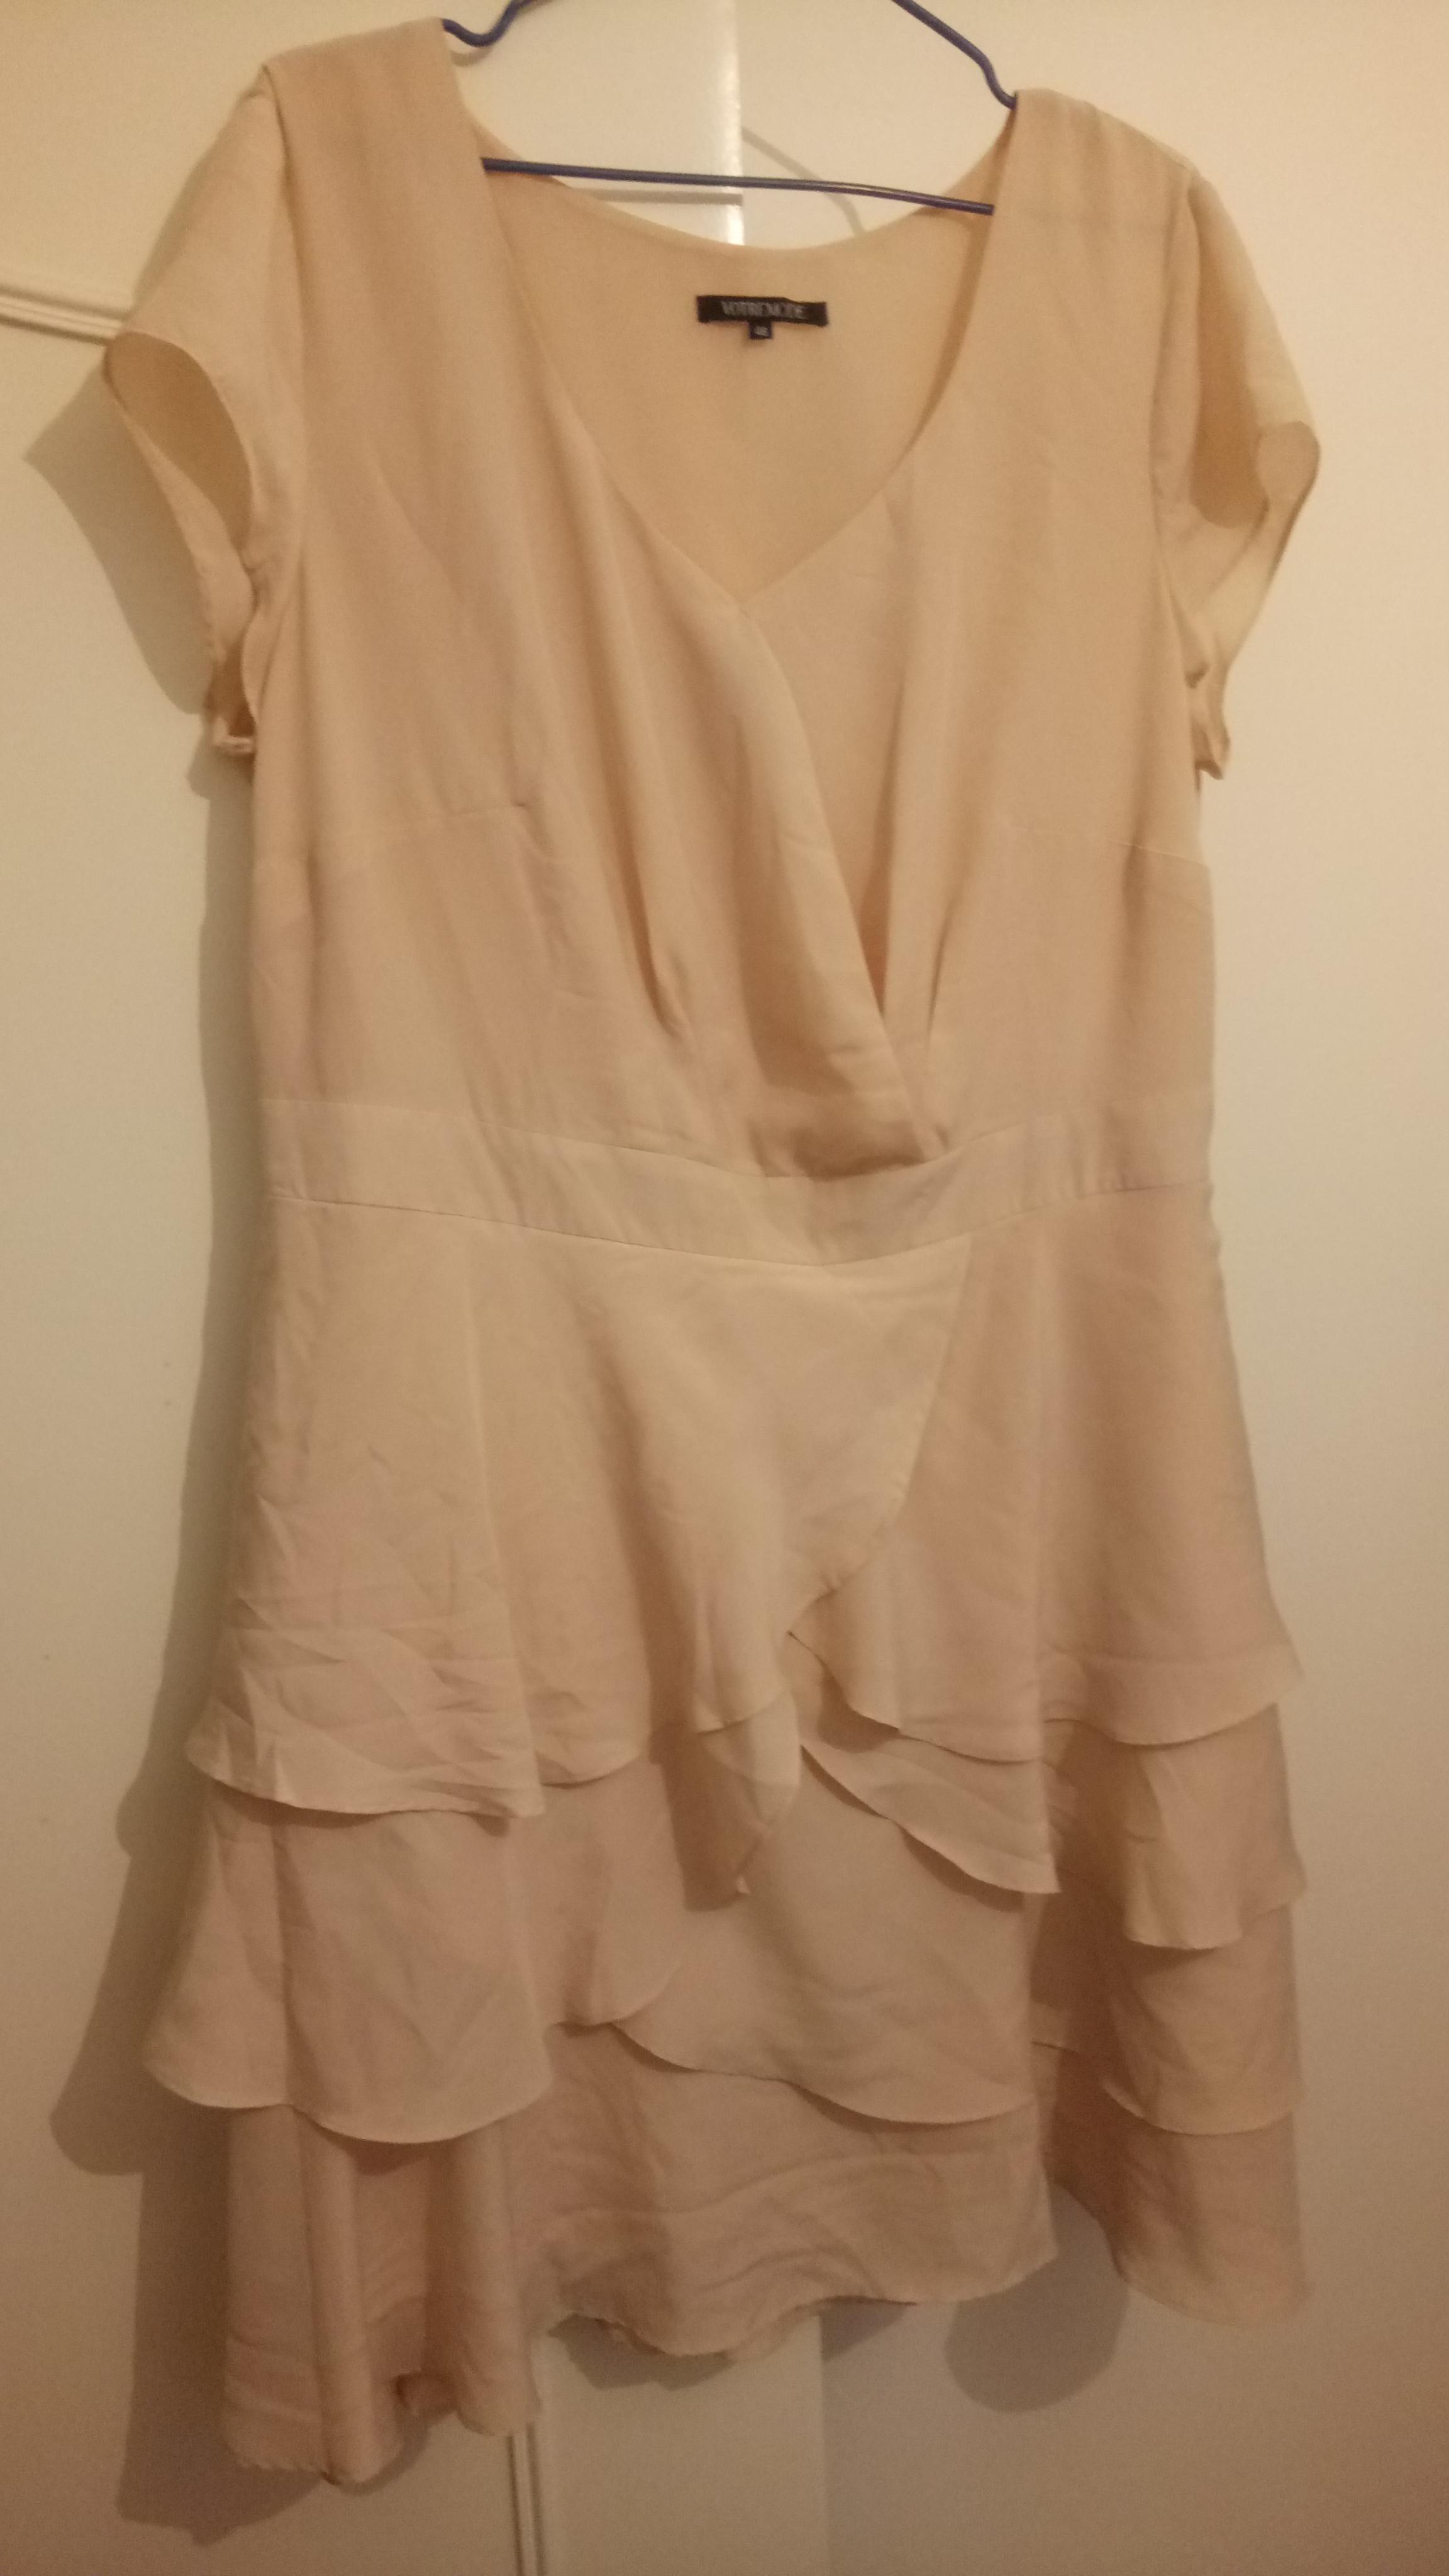 troc de troc robe sable t48 image 0